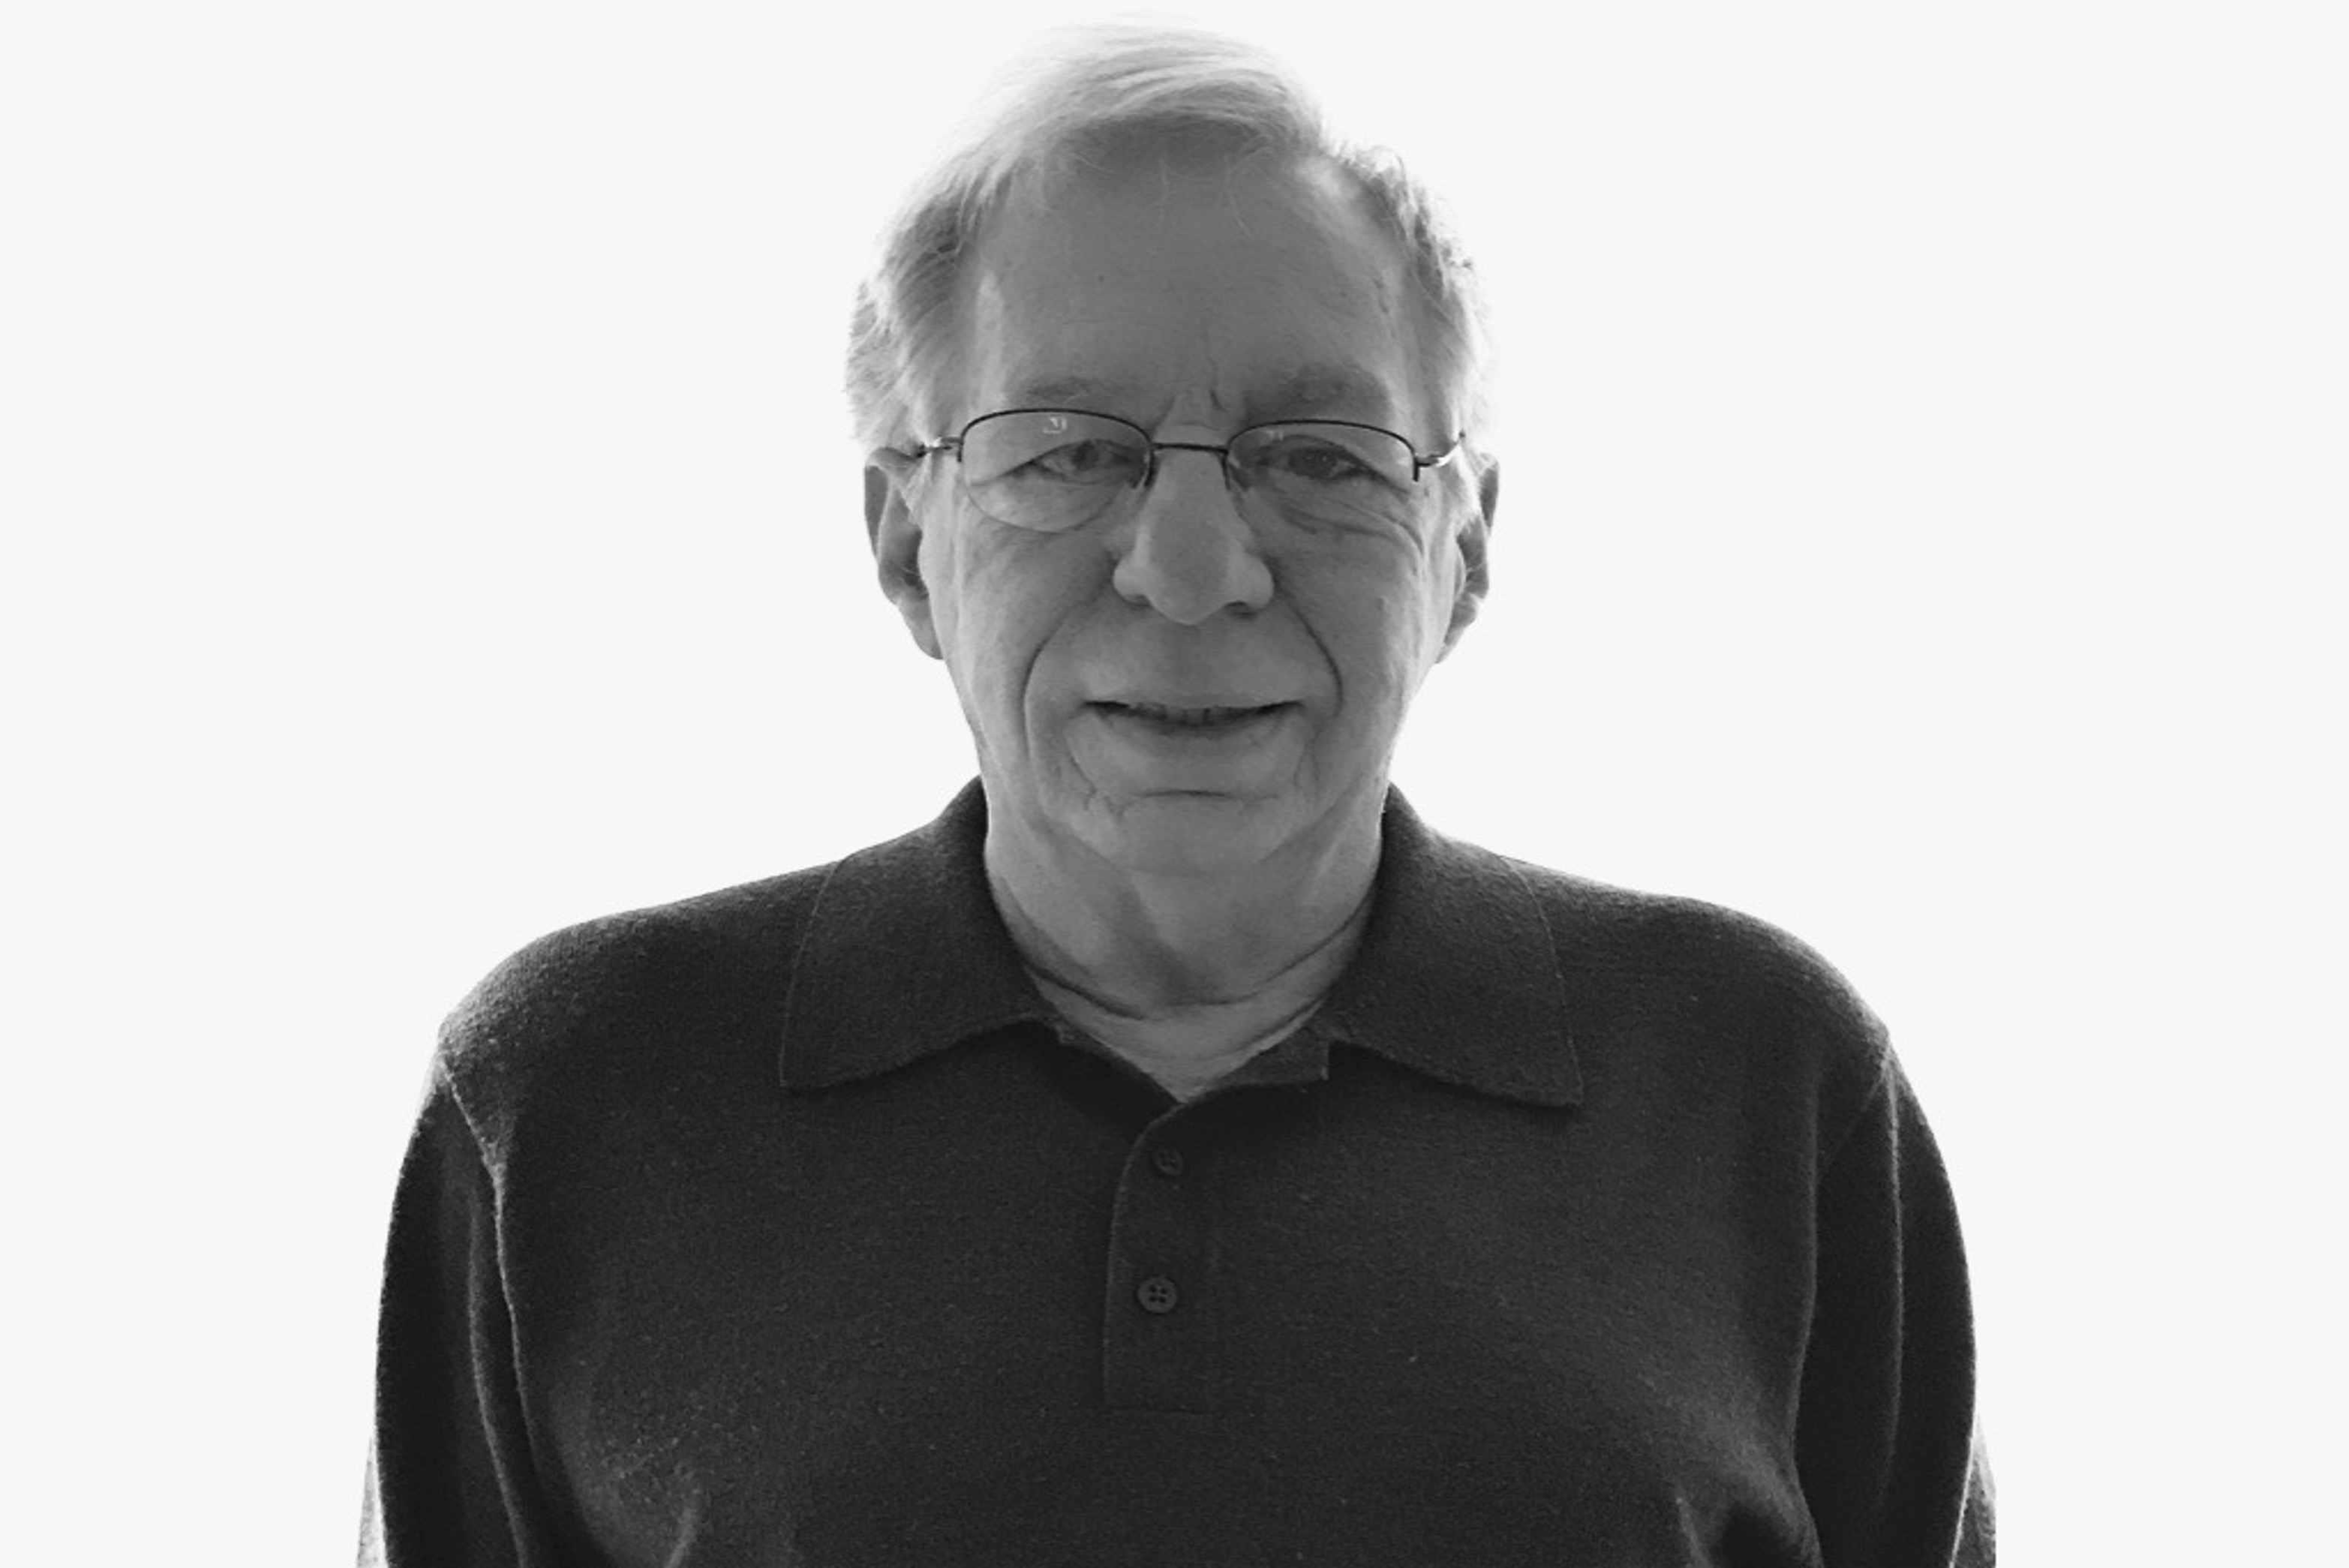 Dr.Larry Medsker